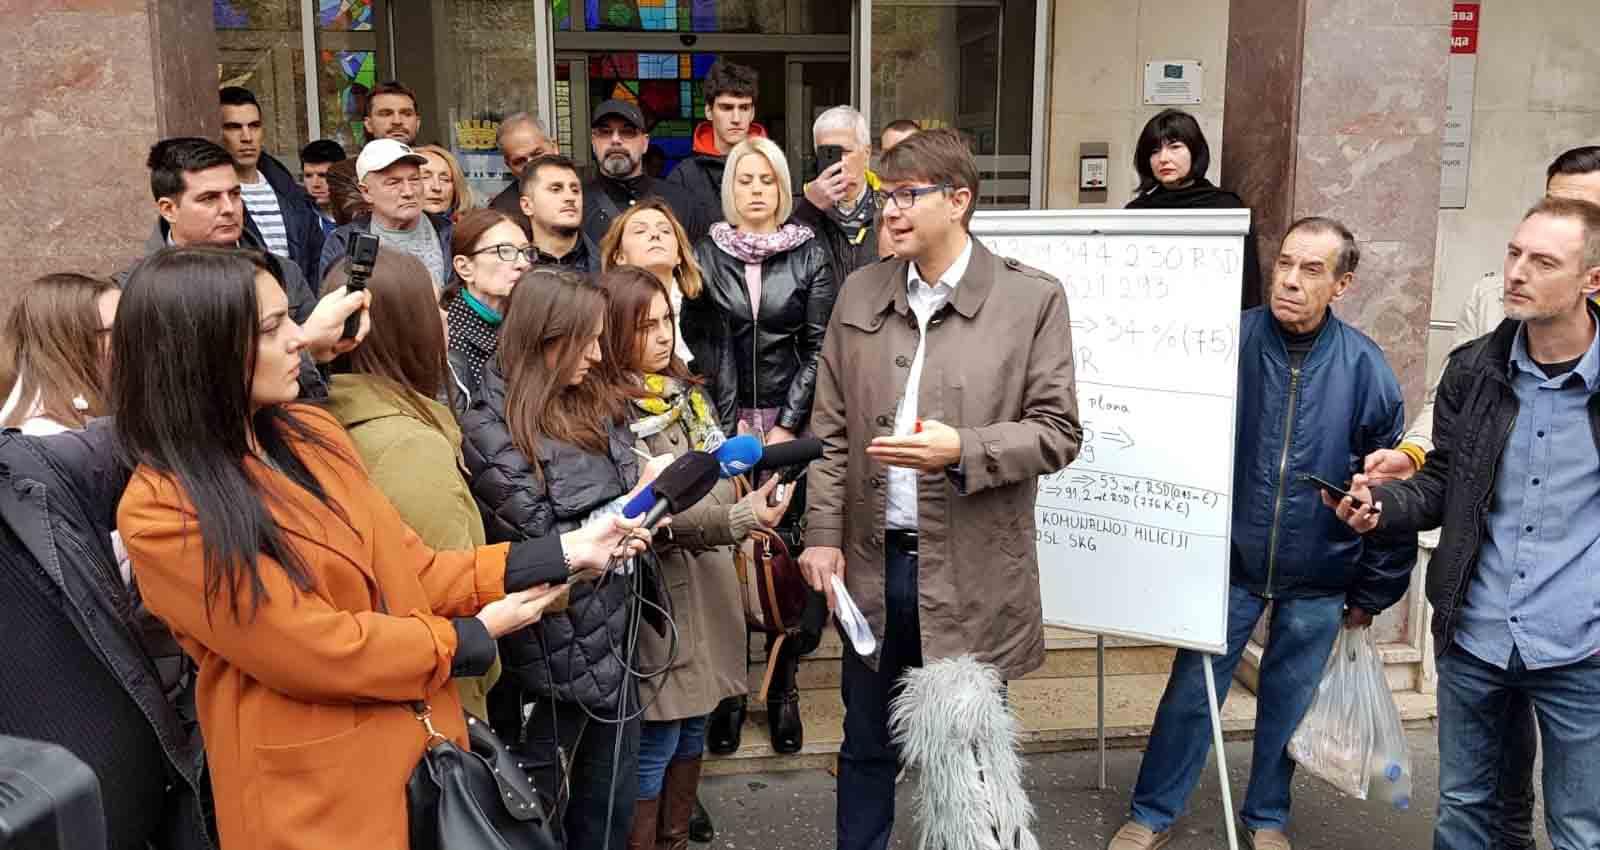 Јовановић: До 1. октобра реализовано само 34 одсто планираних инвестиција у Београду